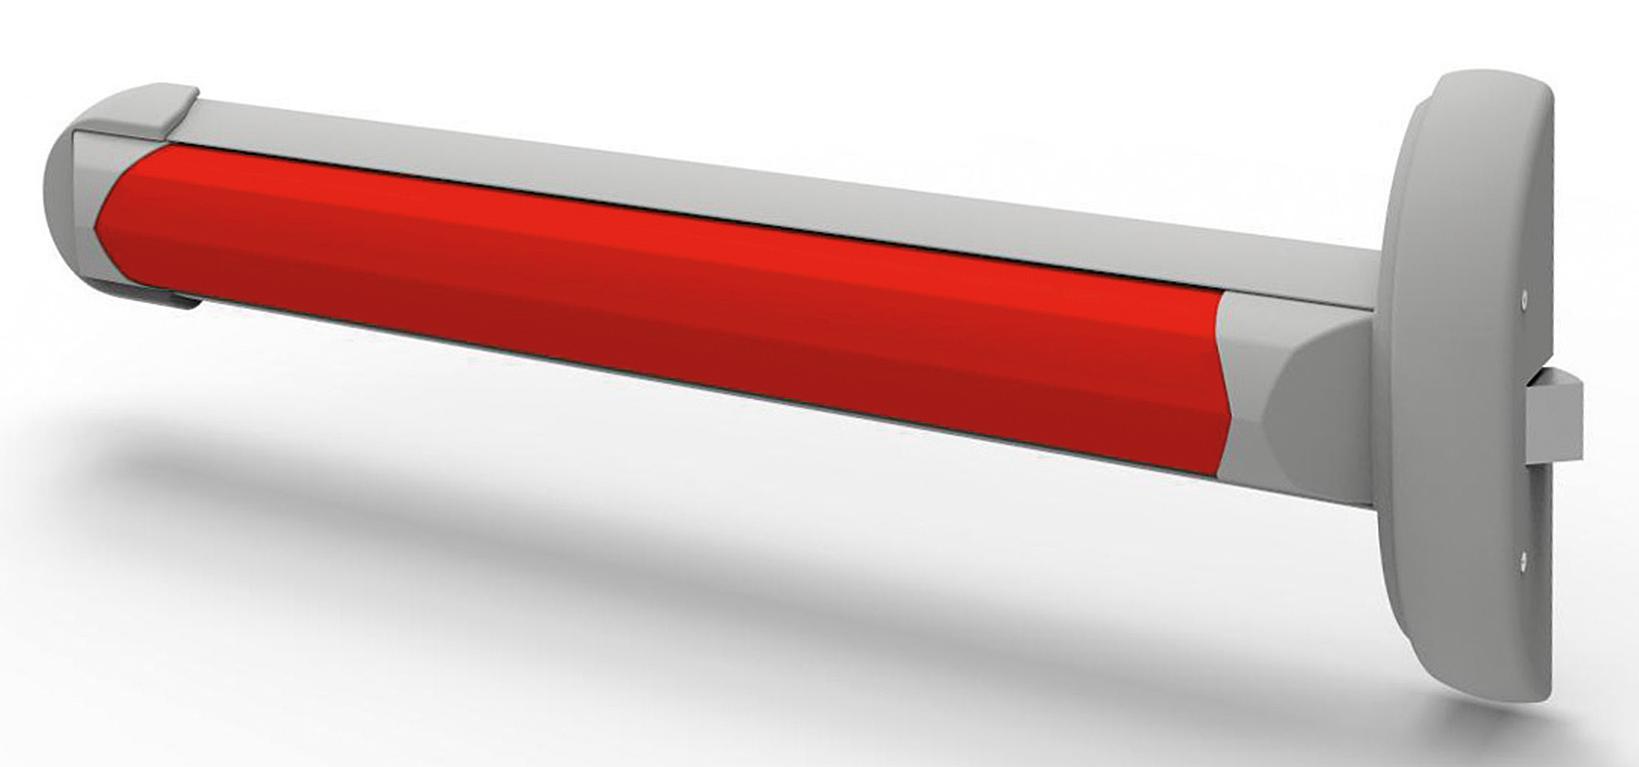 dom lance issudom la nouvelle gamme de barres anti. Black Bedroom Furniture Sets. Home Design Ideas